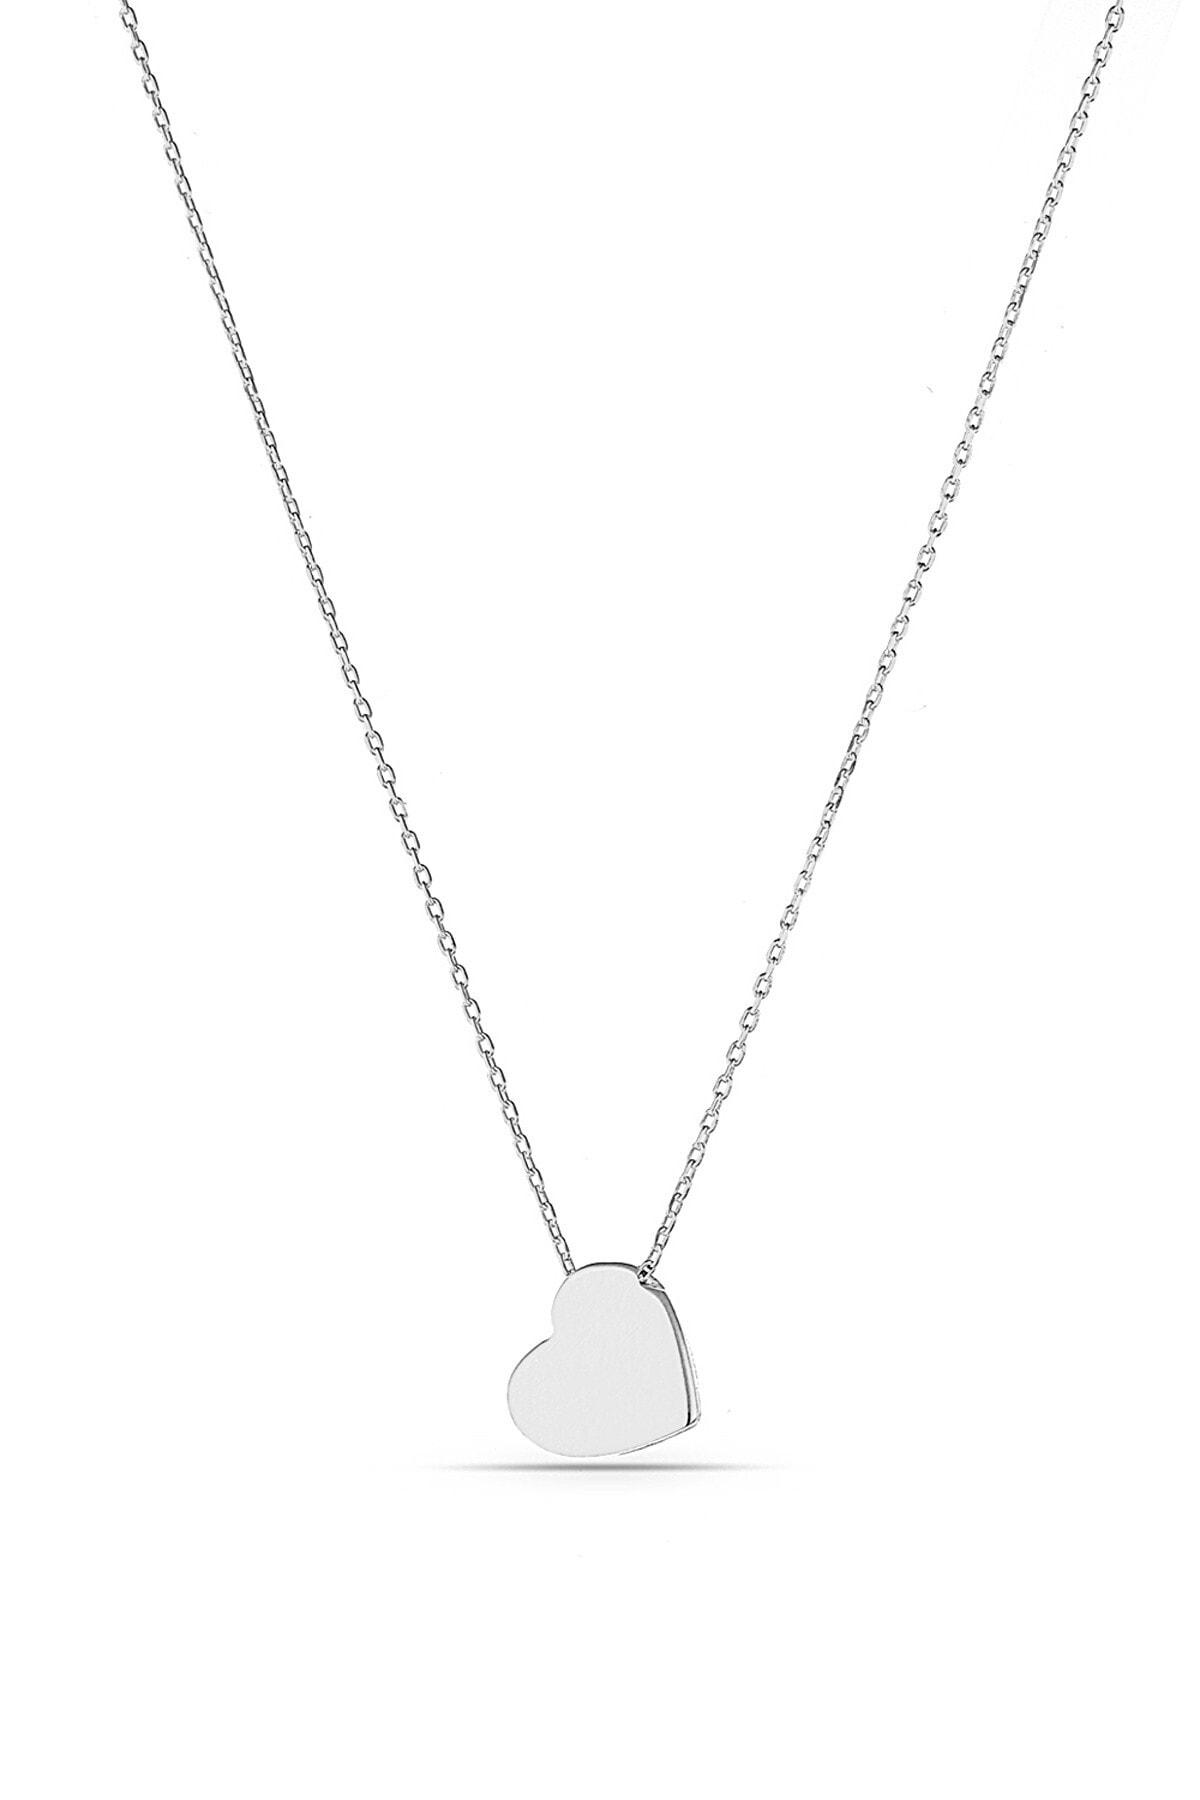 MySilvers Kadın Gümüş Minimal Kalpli Kolye 1